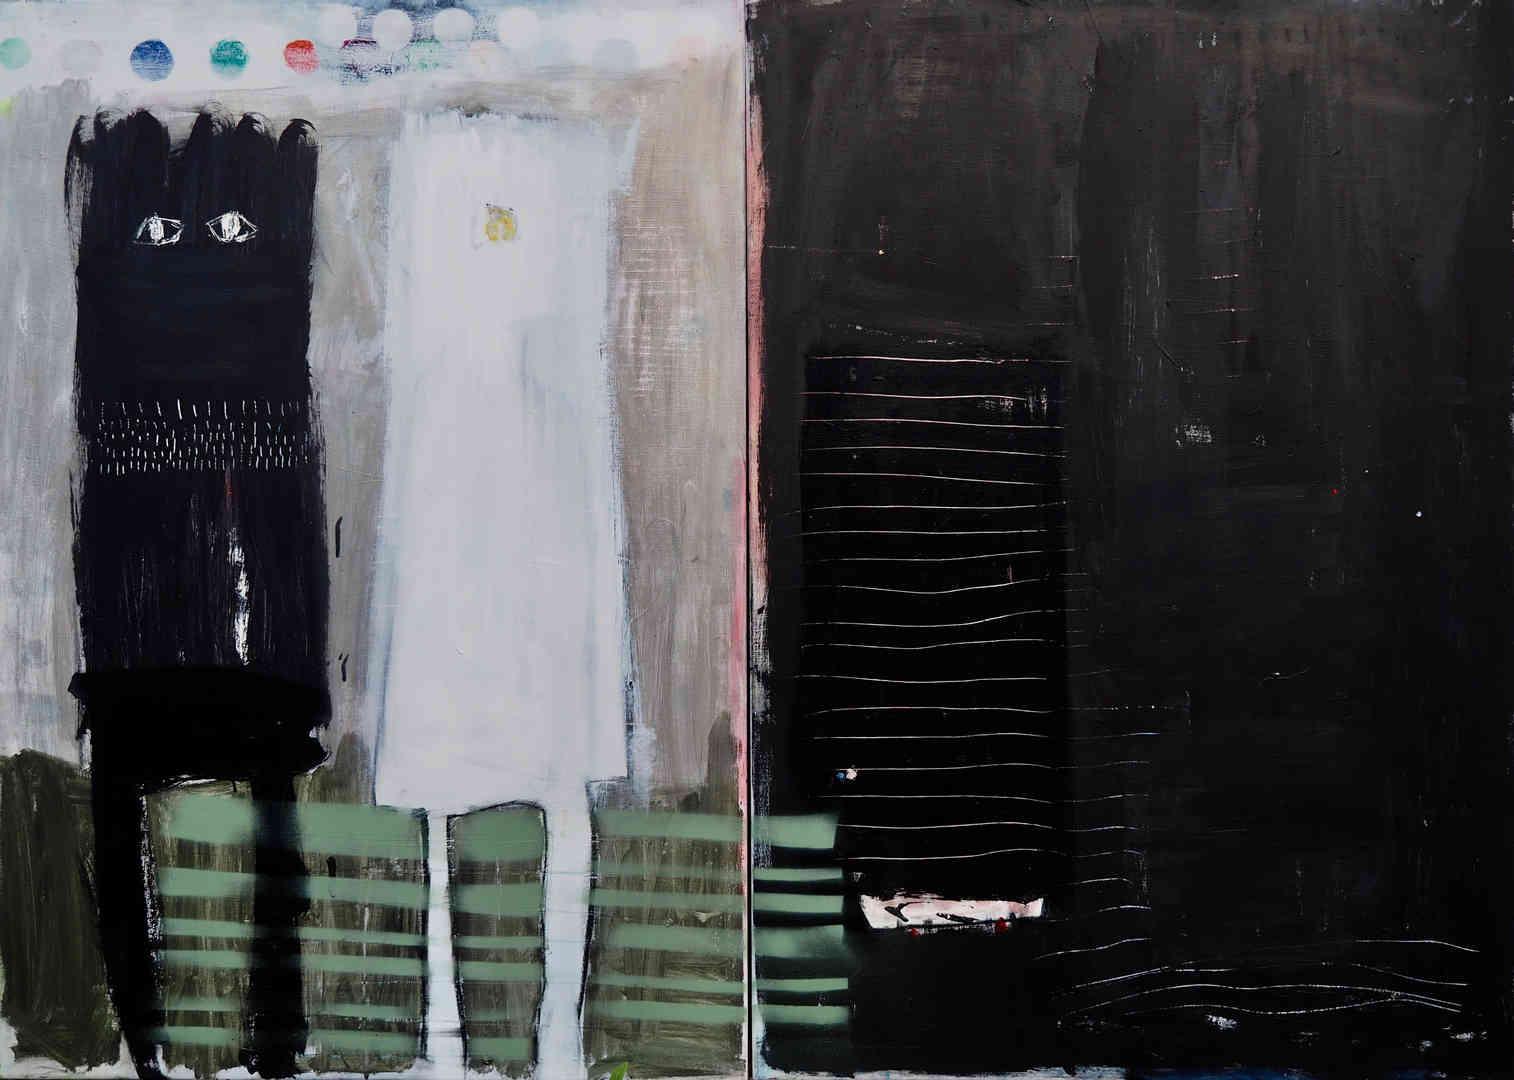 2018 mixed media on canvas 2 x 90 x 120cm